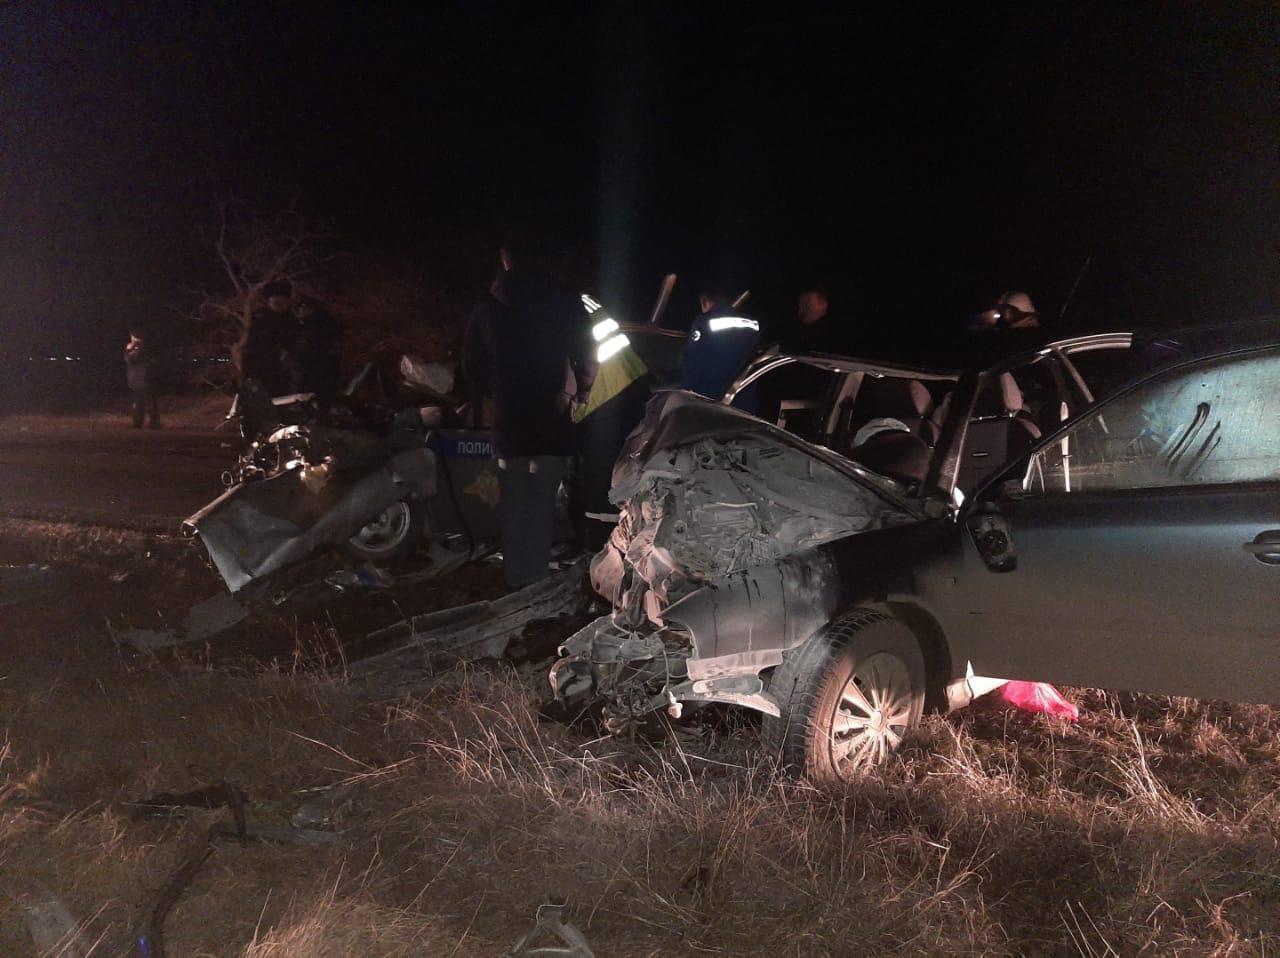 Участник ДТП, в котором погибли полицейские, мог избежать трагедии — следствие